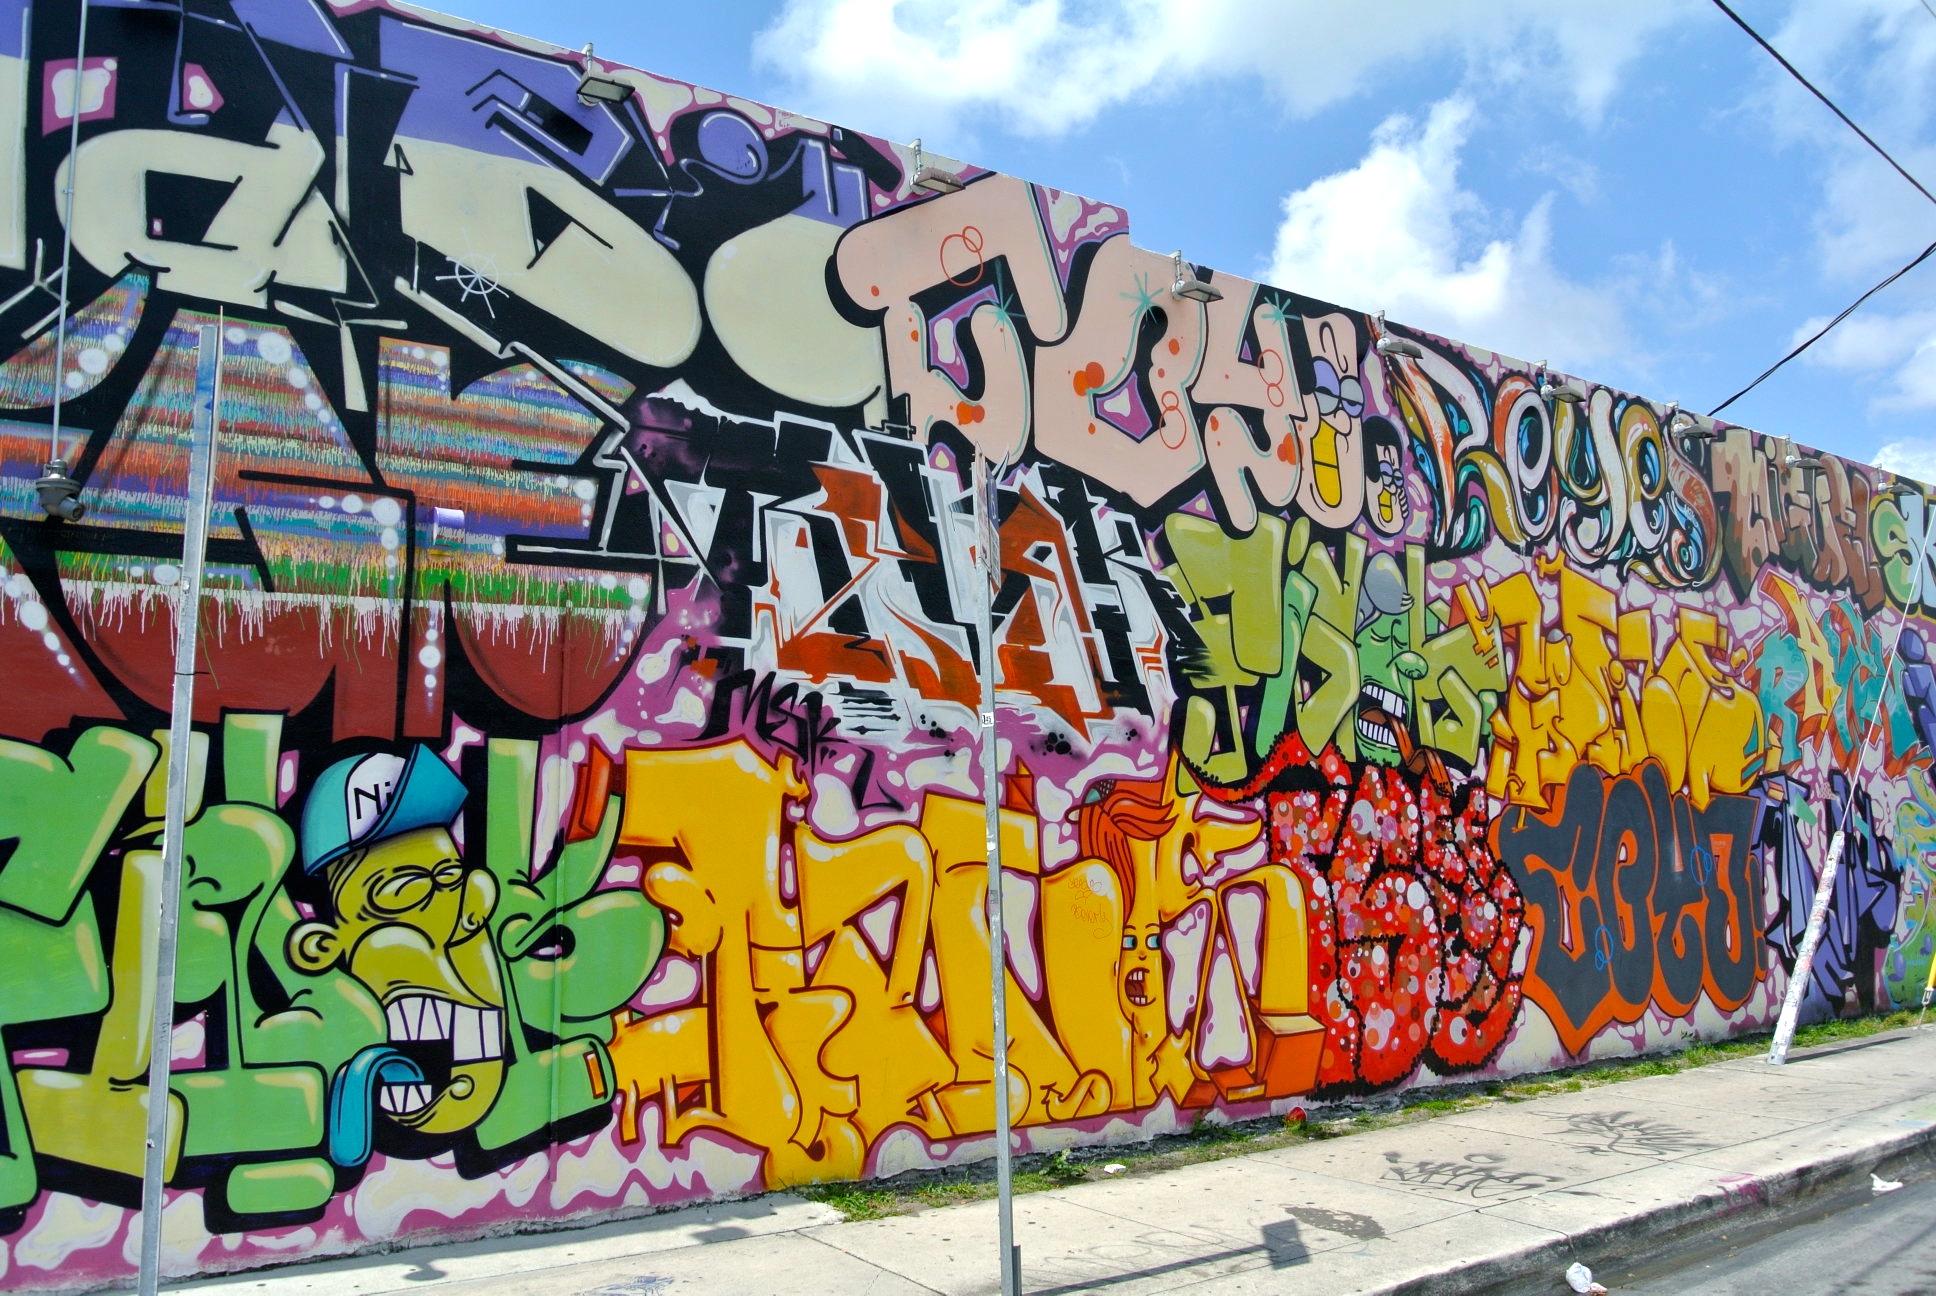 DSC_2388 DSC_2460 DSC_2449 DSC_2429 ... & Philly Travels: Langston Clement Visits Wynwood Walls in Miami ...